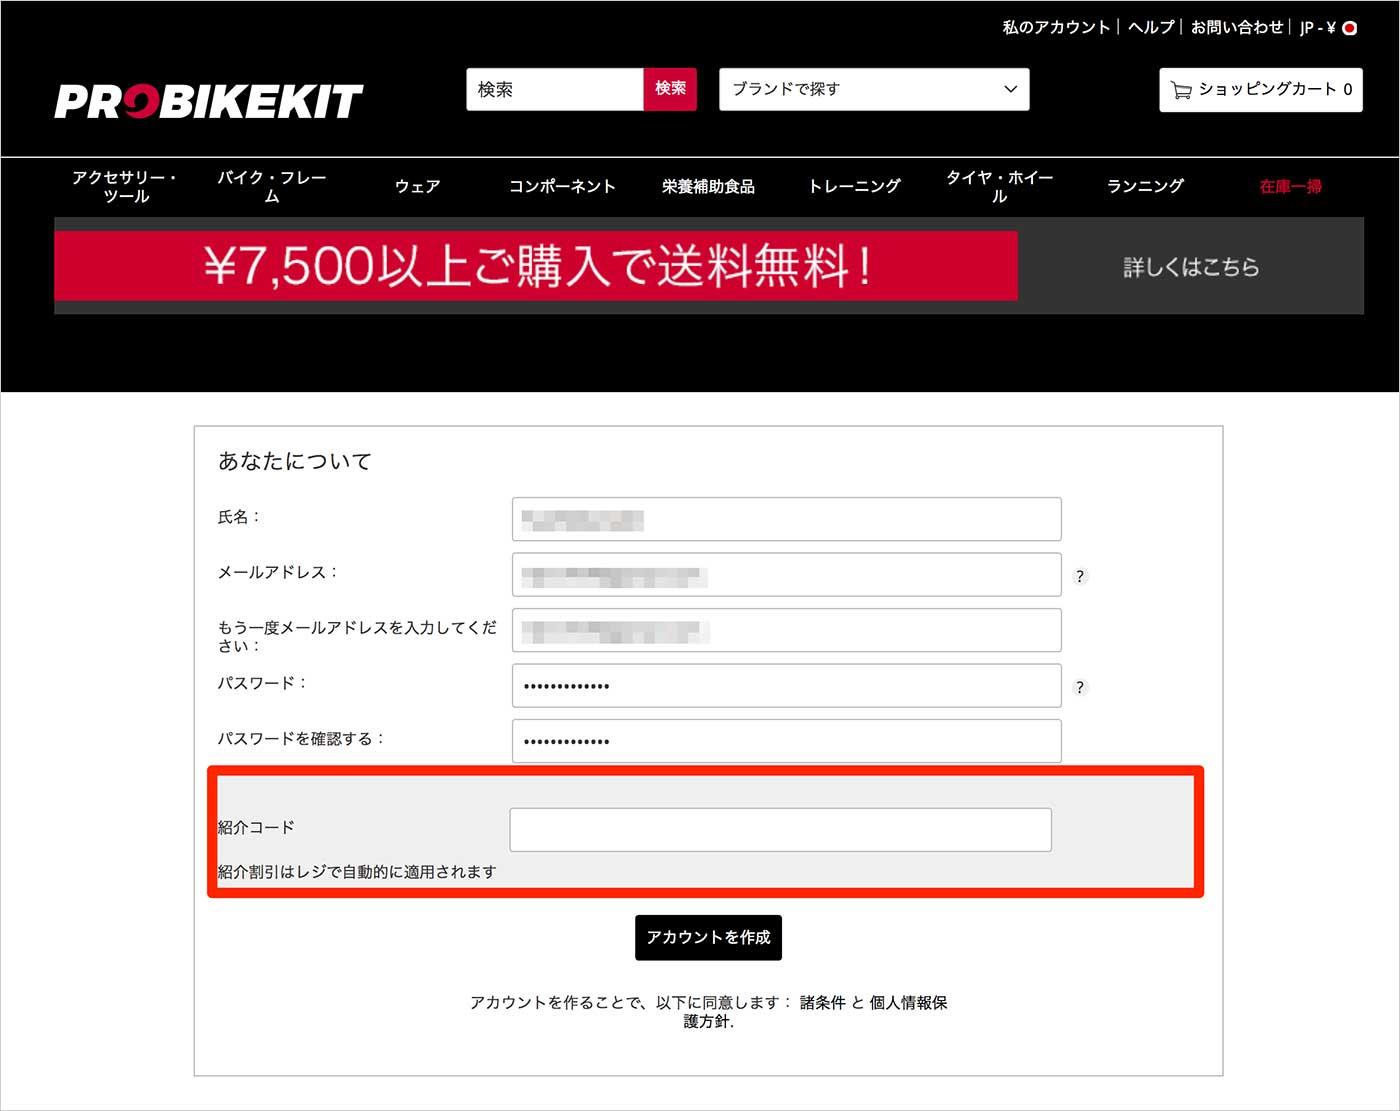 probikekitの登録画面